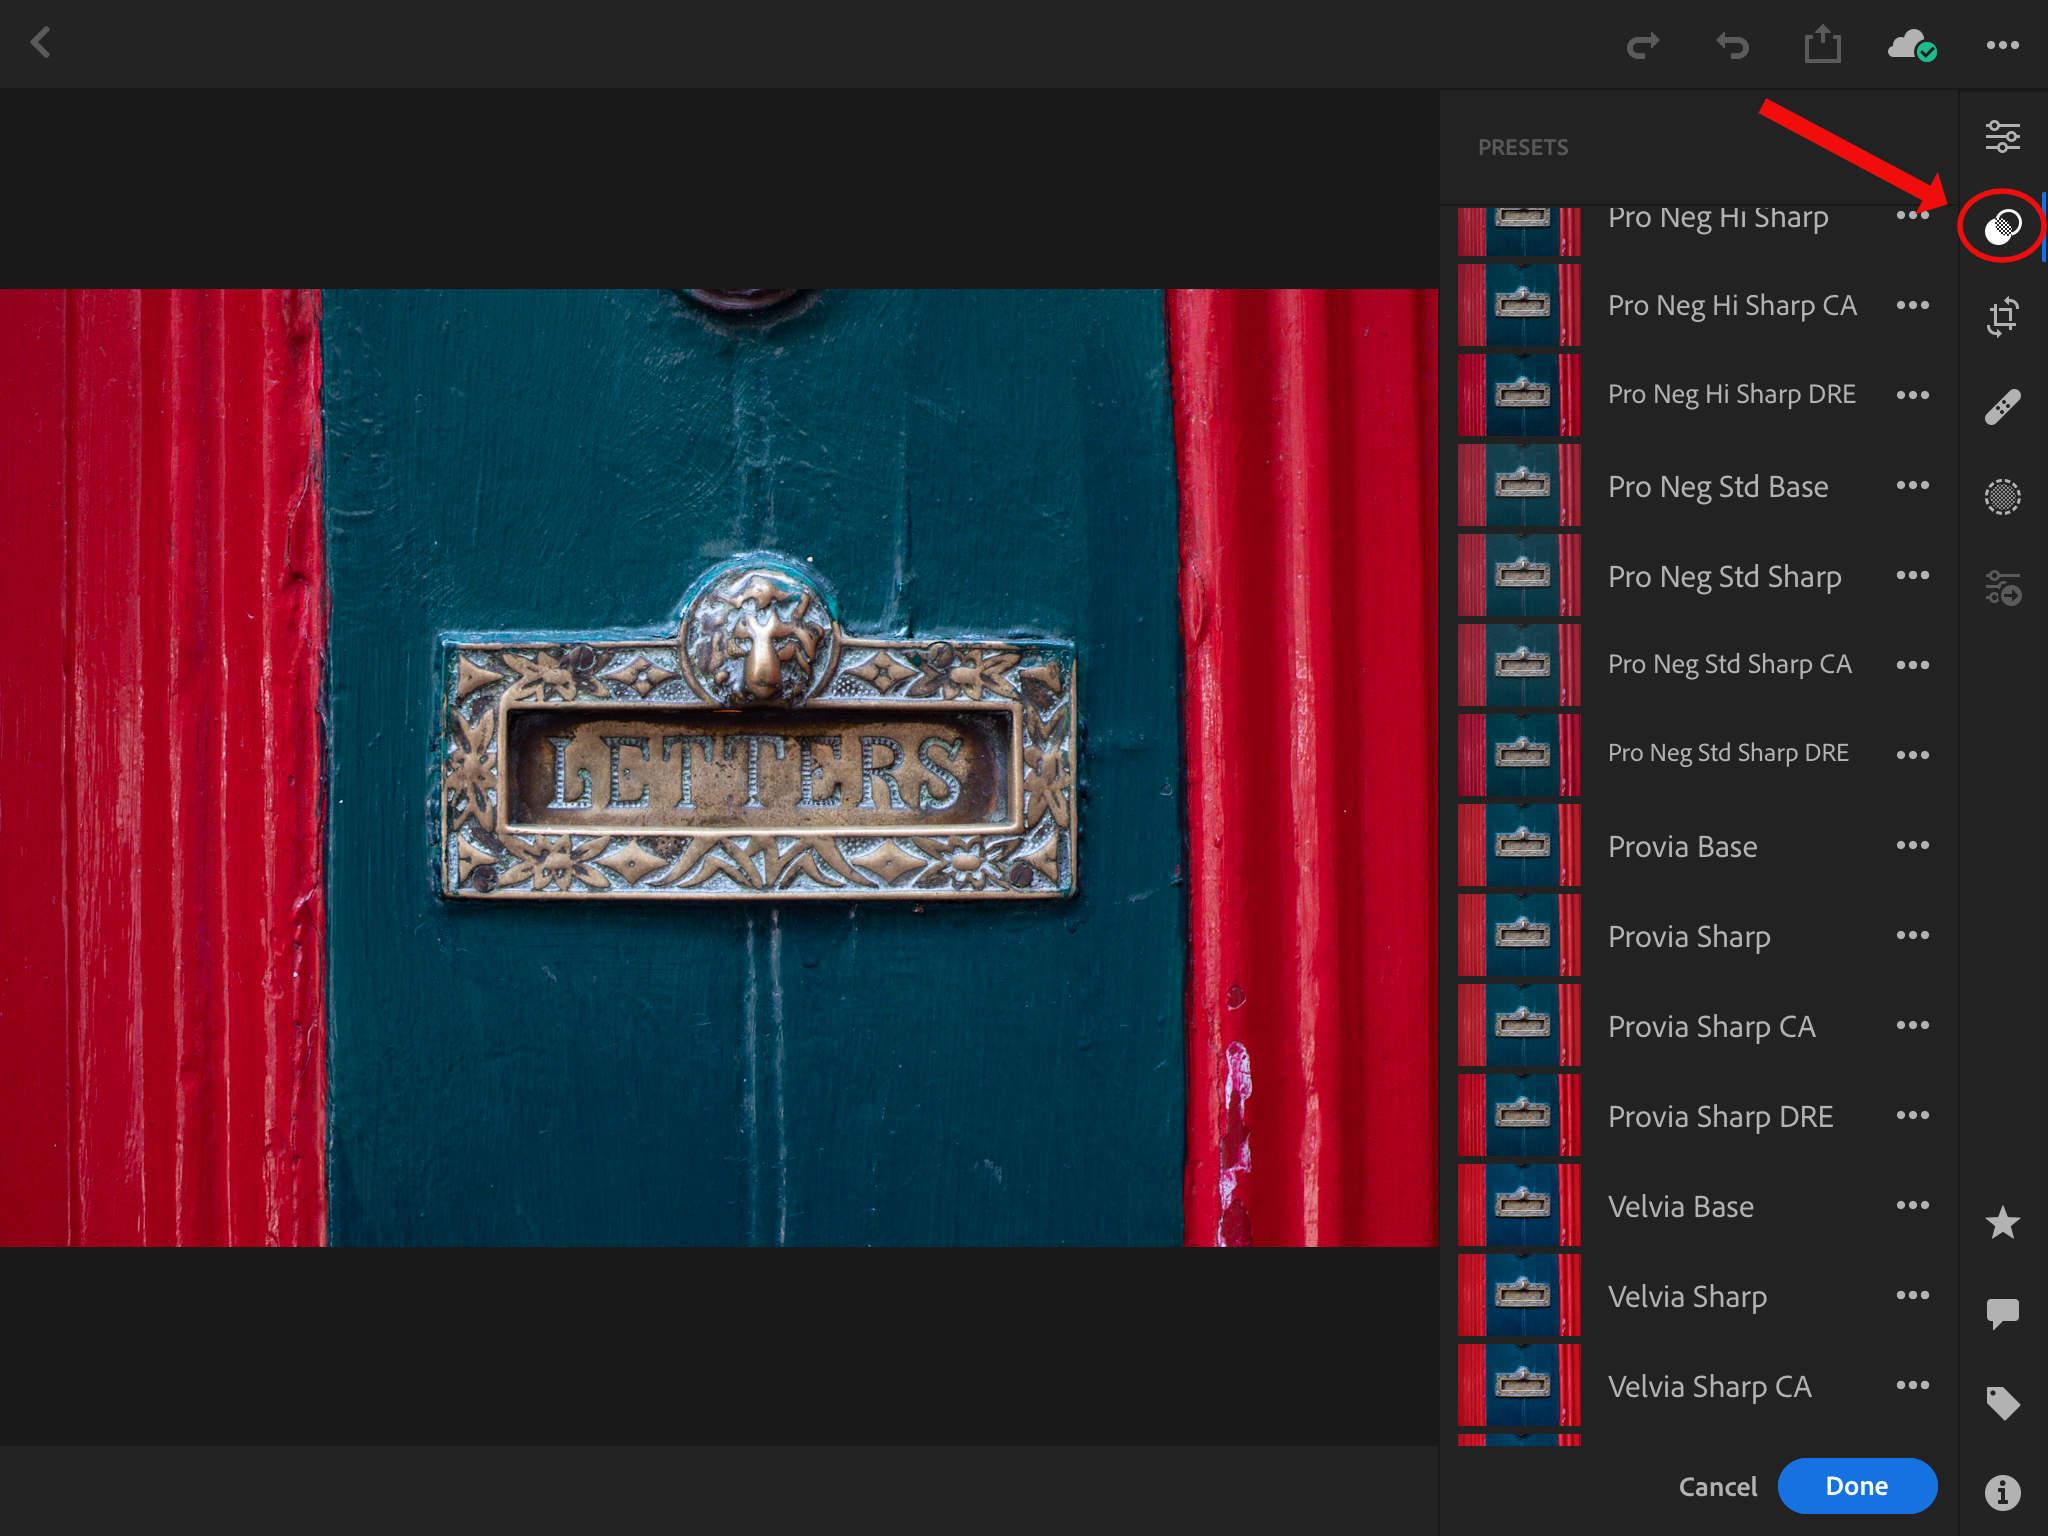 preset-browser.jpg